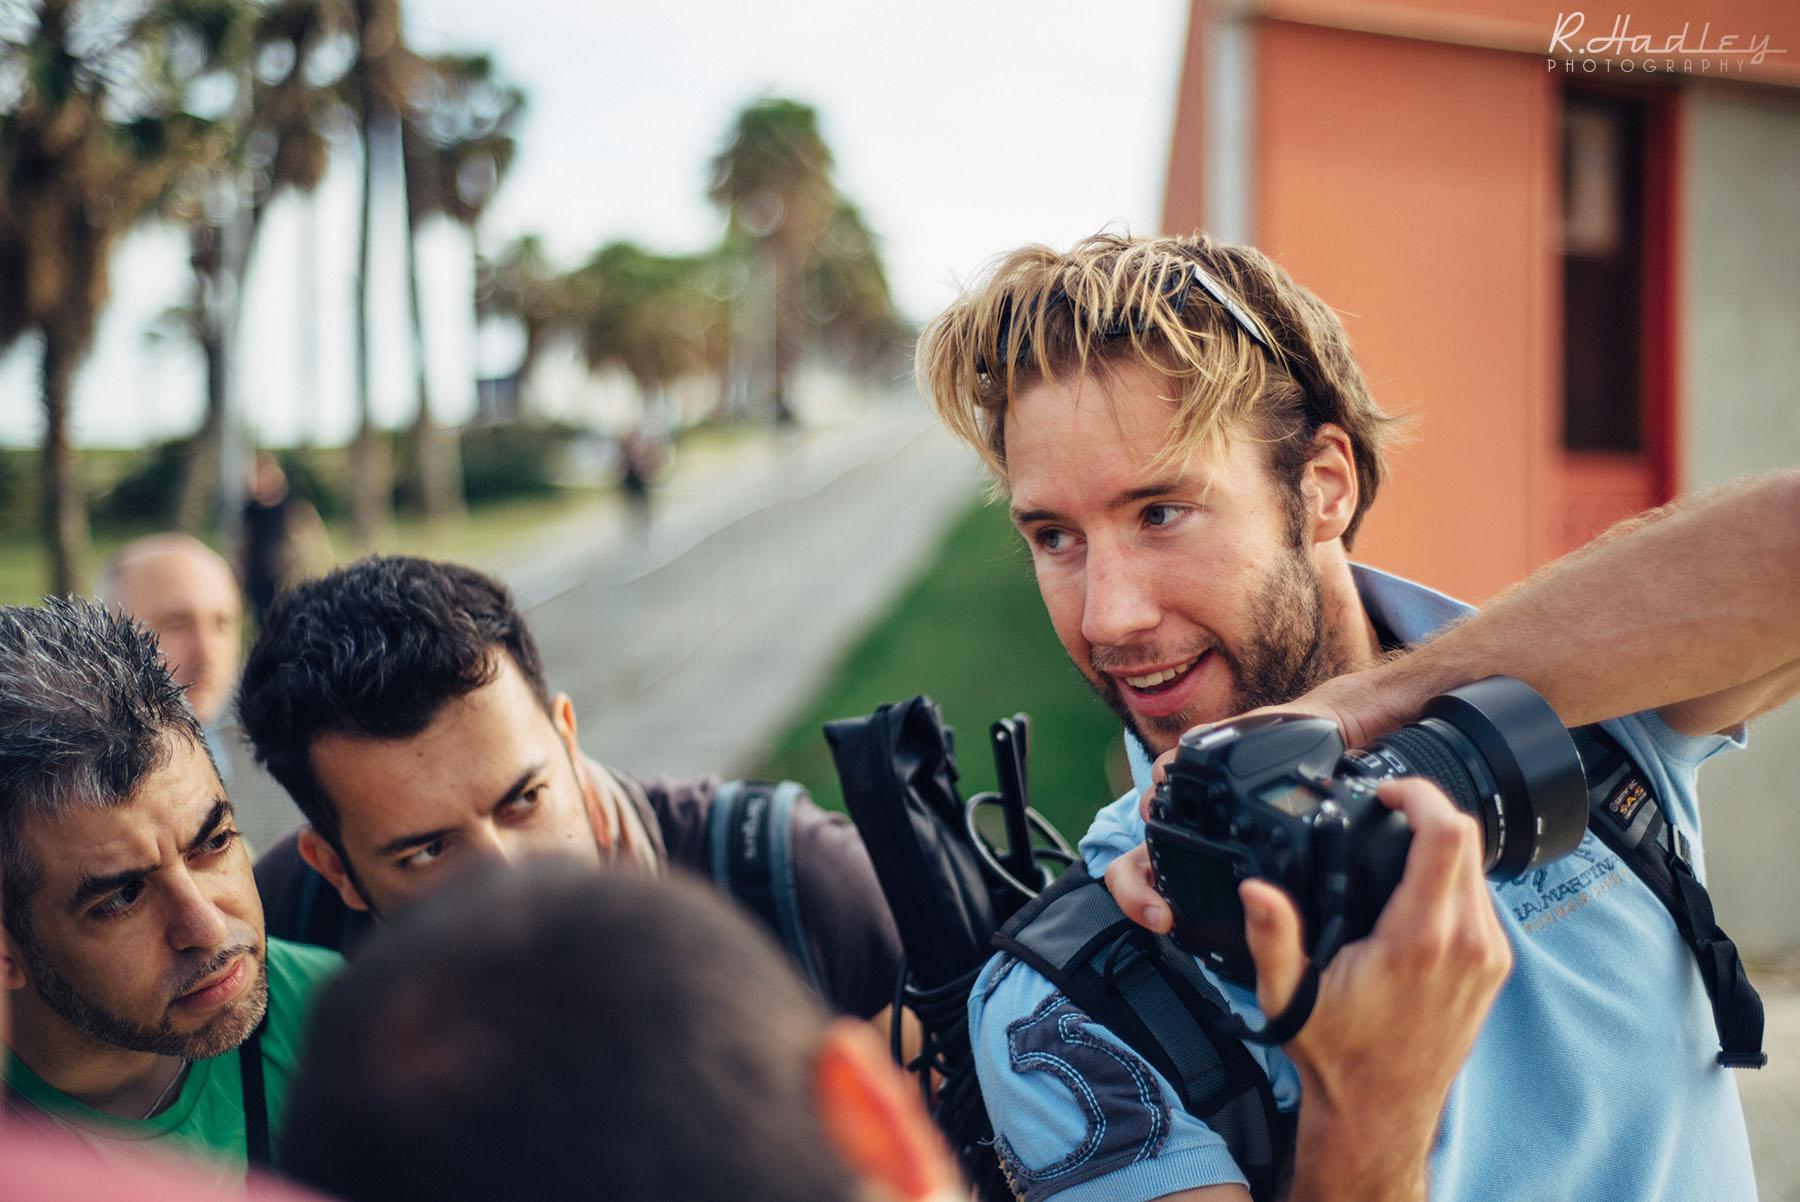 Portrait of Ben Evans photographer in Barcelona